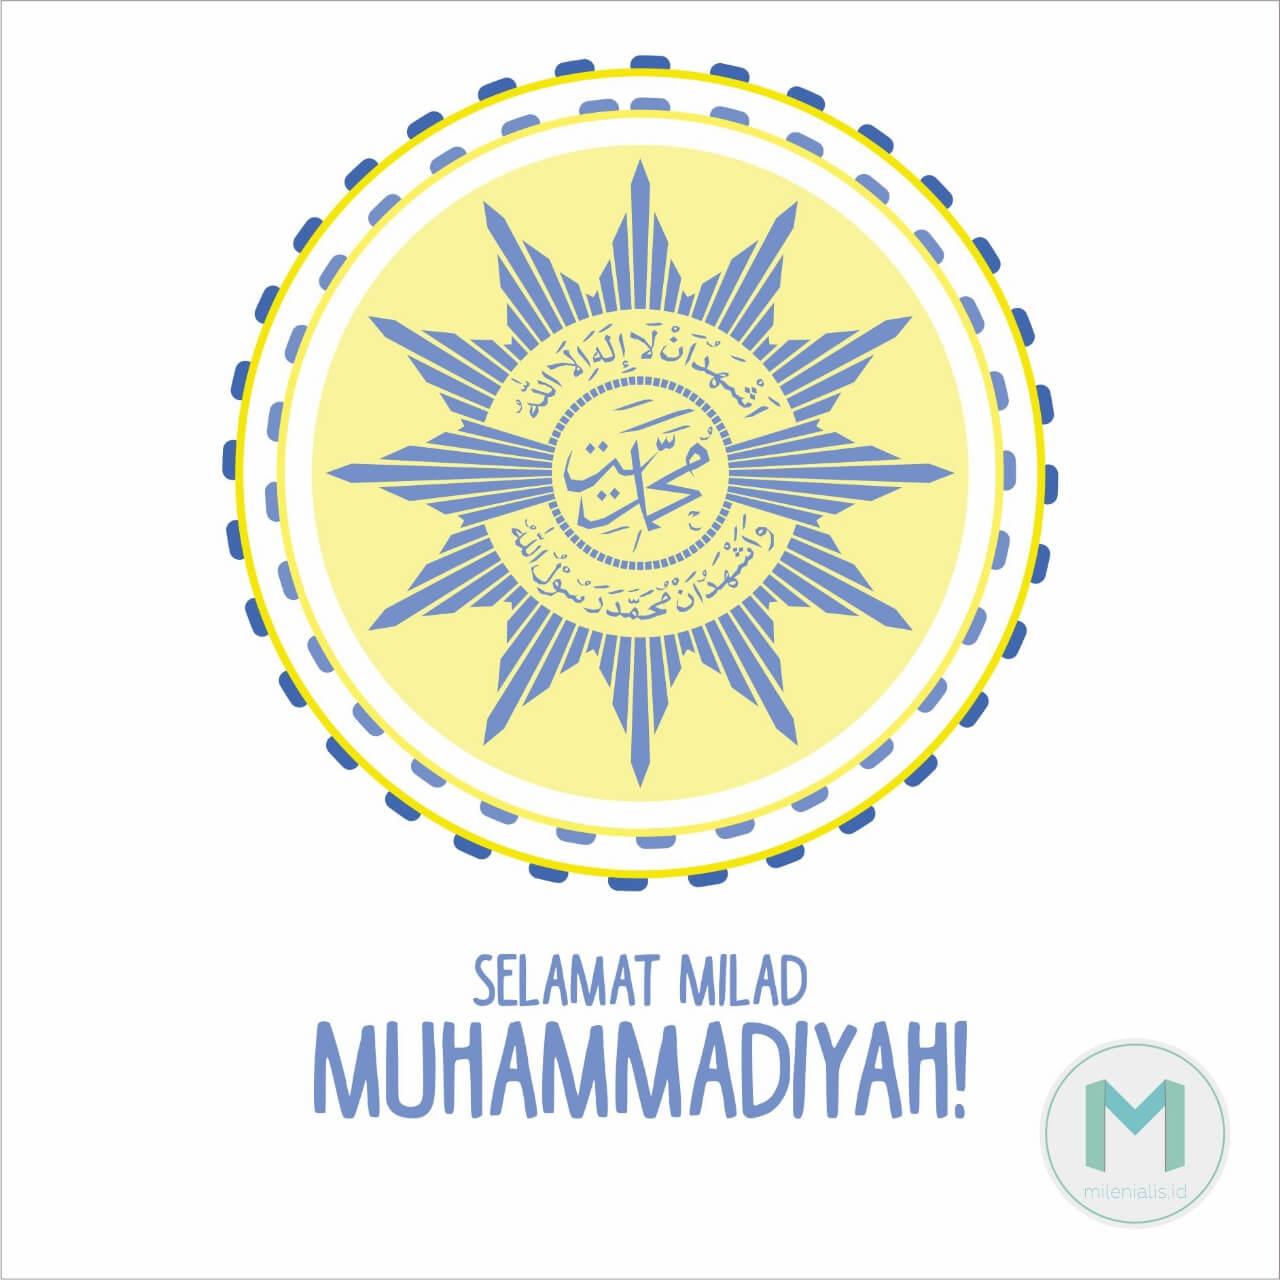 Apakah Ada Manipulasi Sejarah Milad Muhammadiyah?